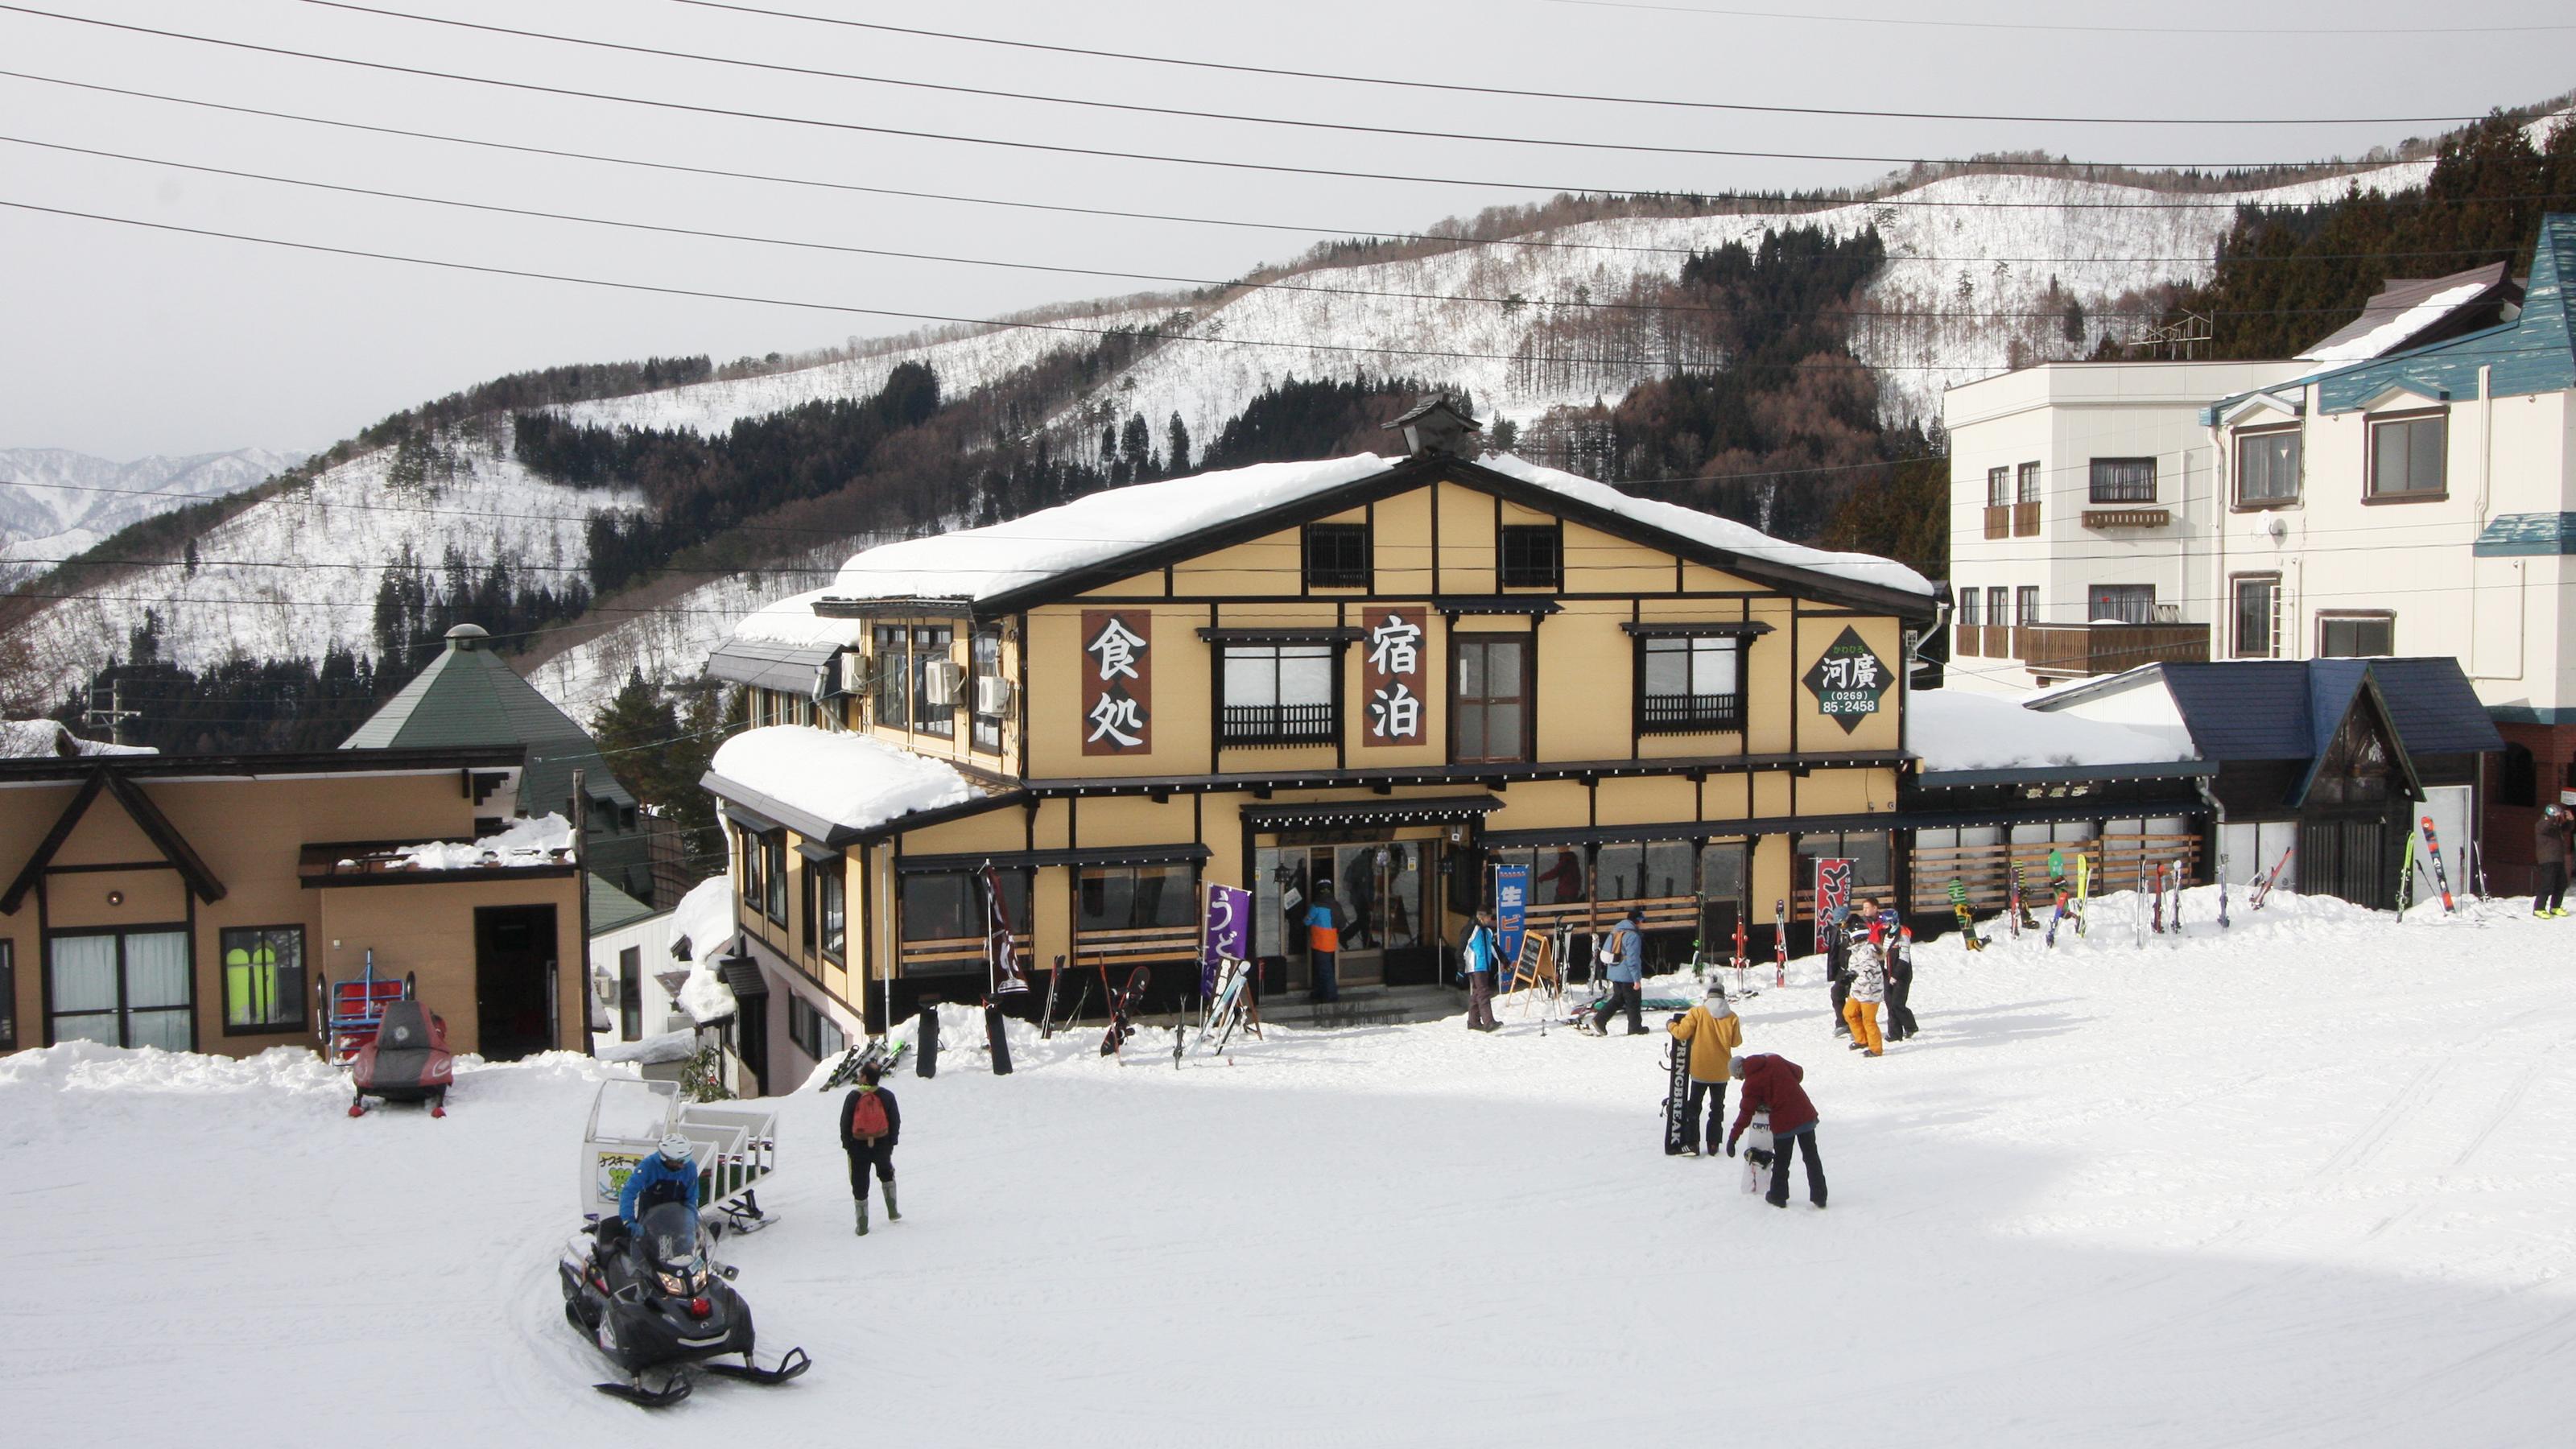 スノボツアー帰りに温泉に泊まりたいです!野沢温泉でおすすめの宿はありますか?